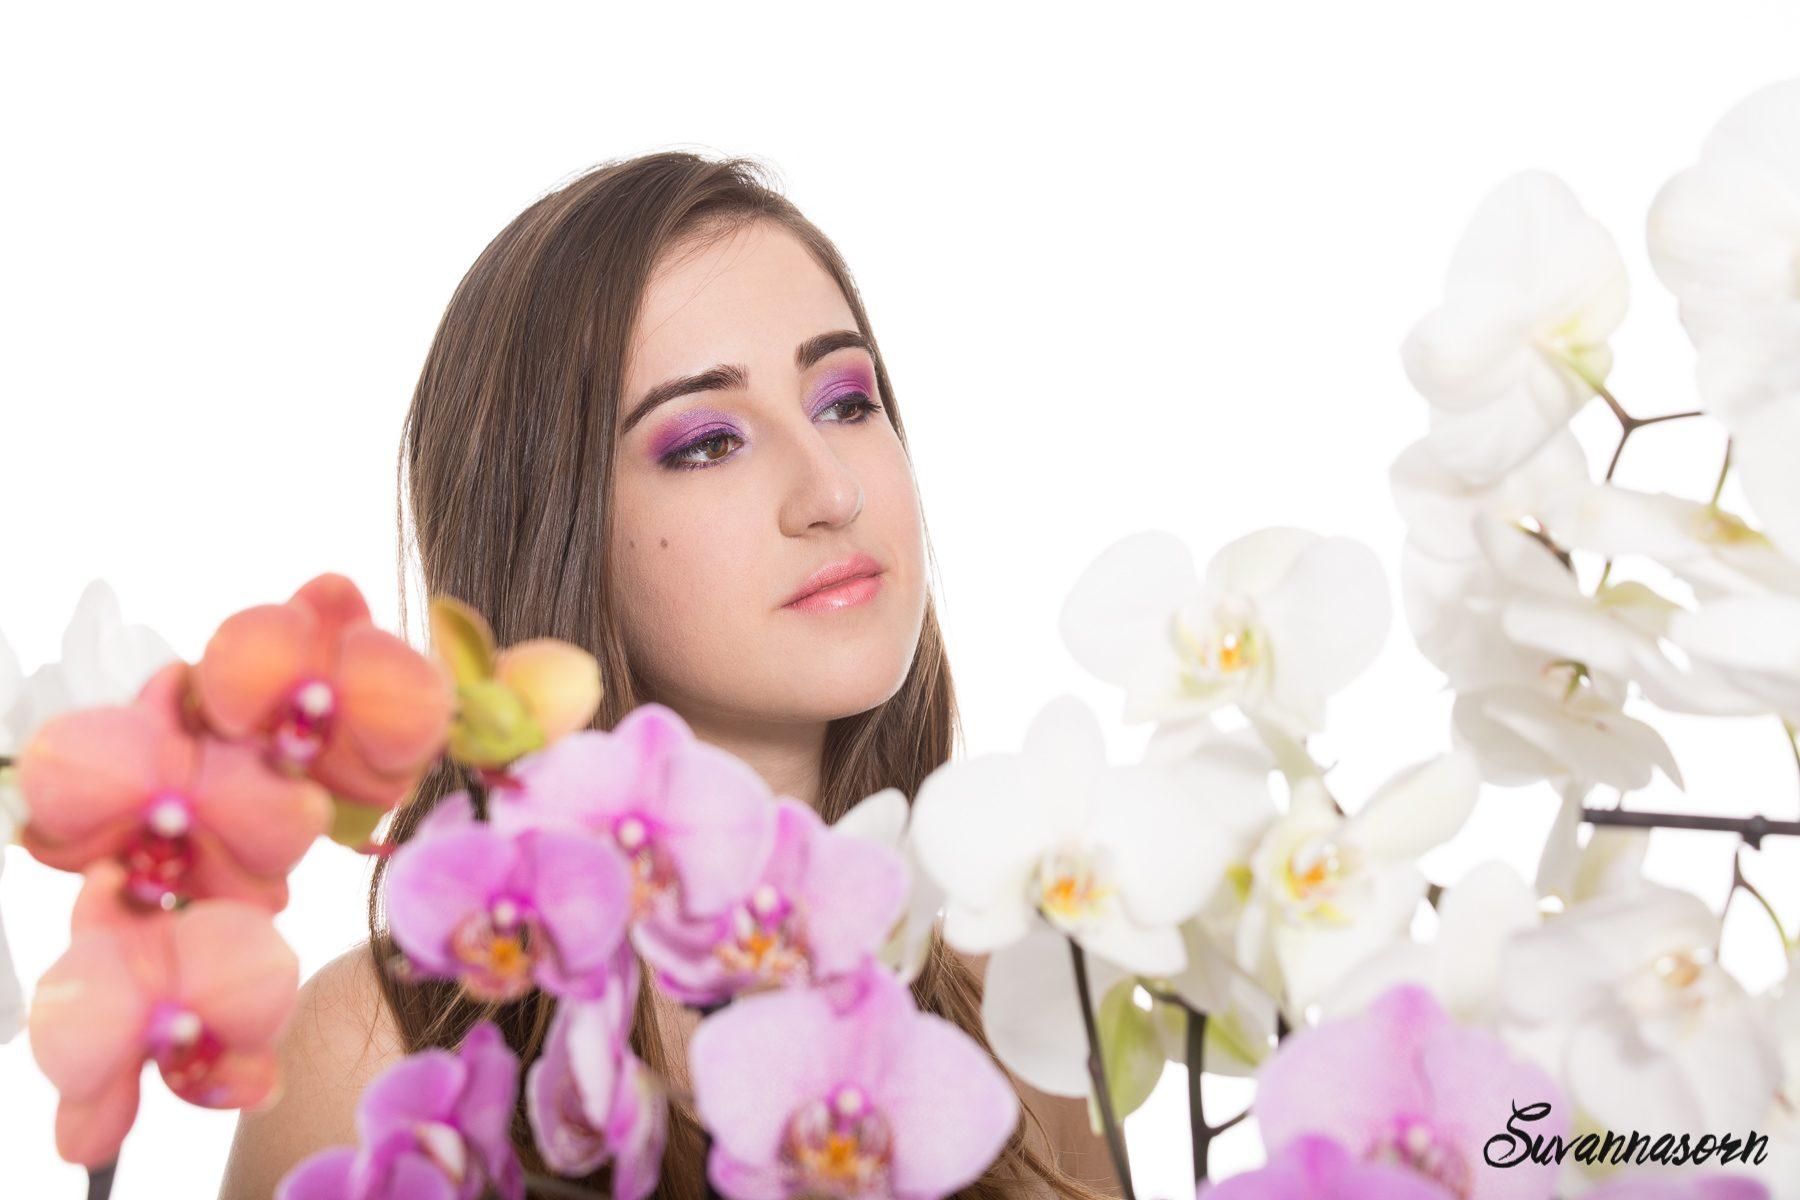 suvannasorn photographe beauté femme modèle genève suisse maquillage maquilleuse coiffeuse violet orchidée